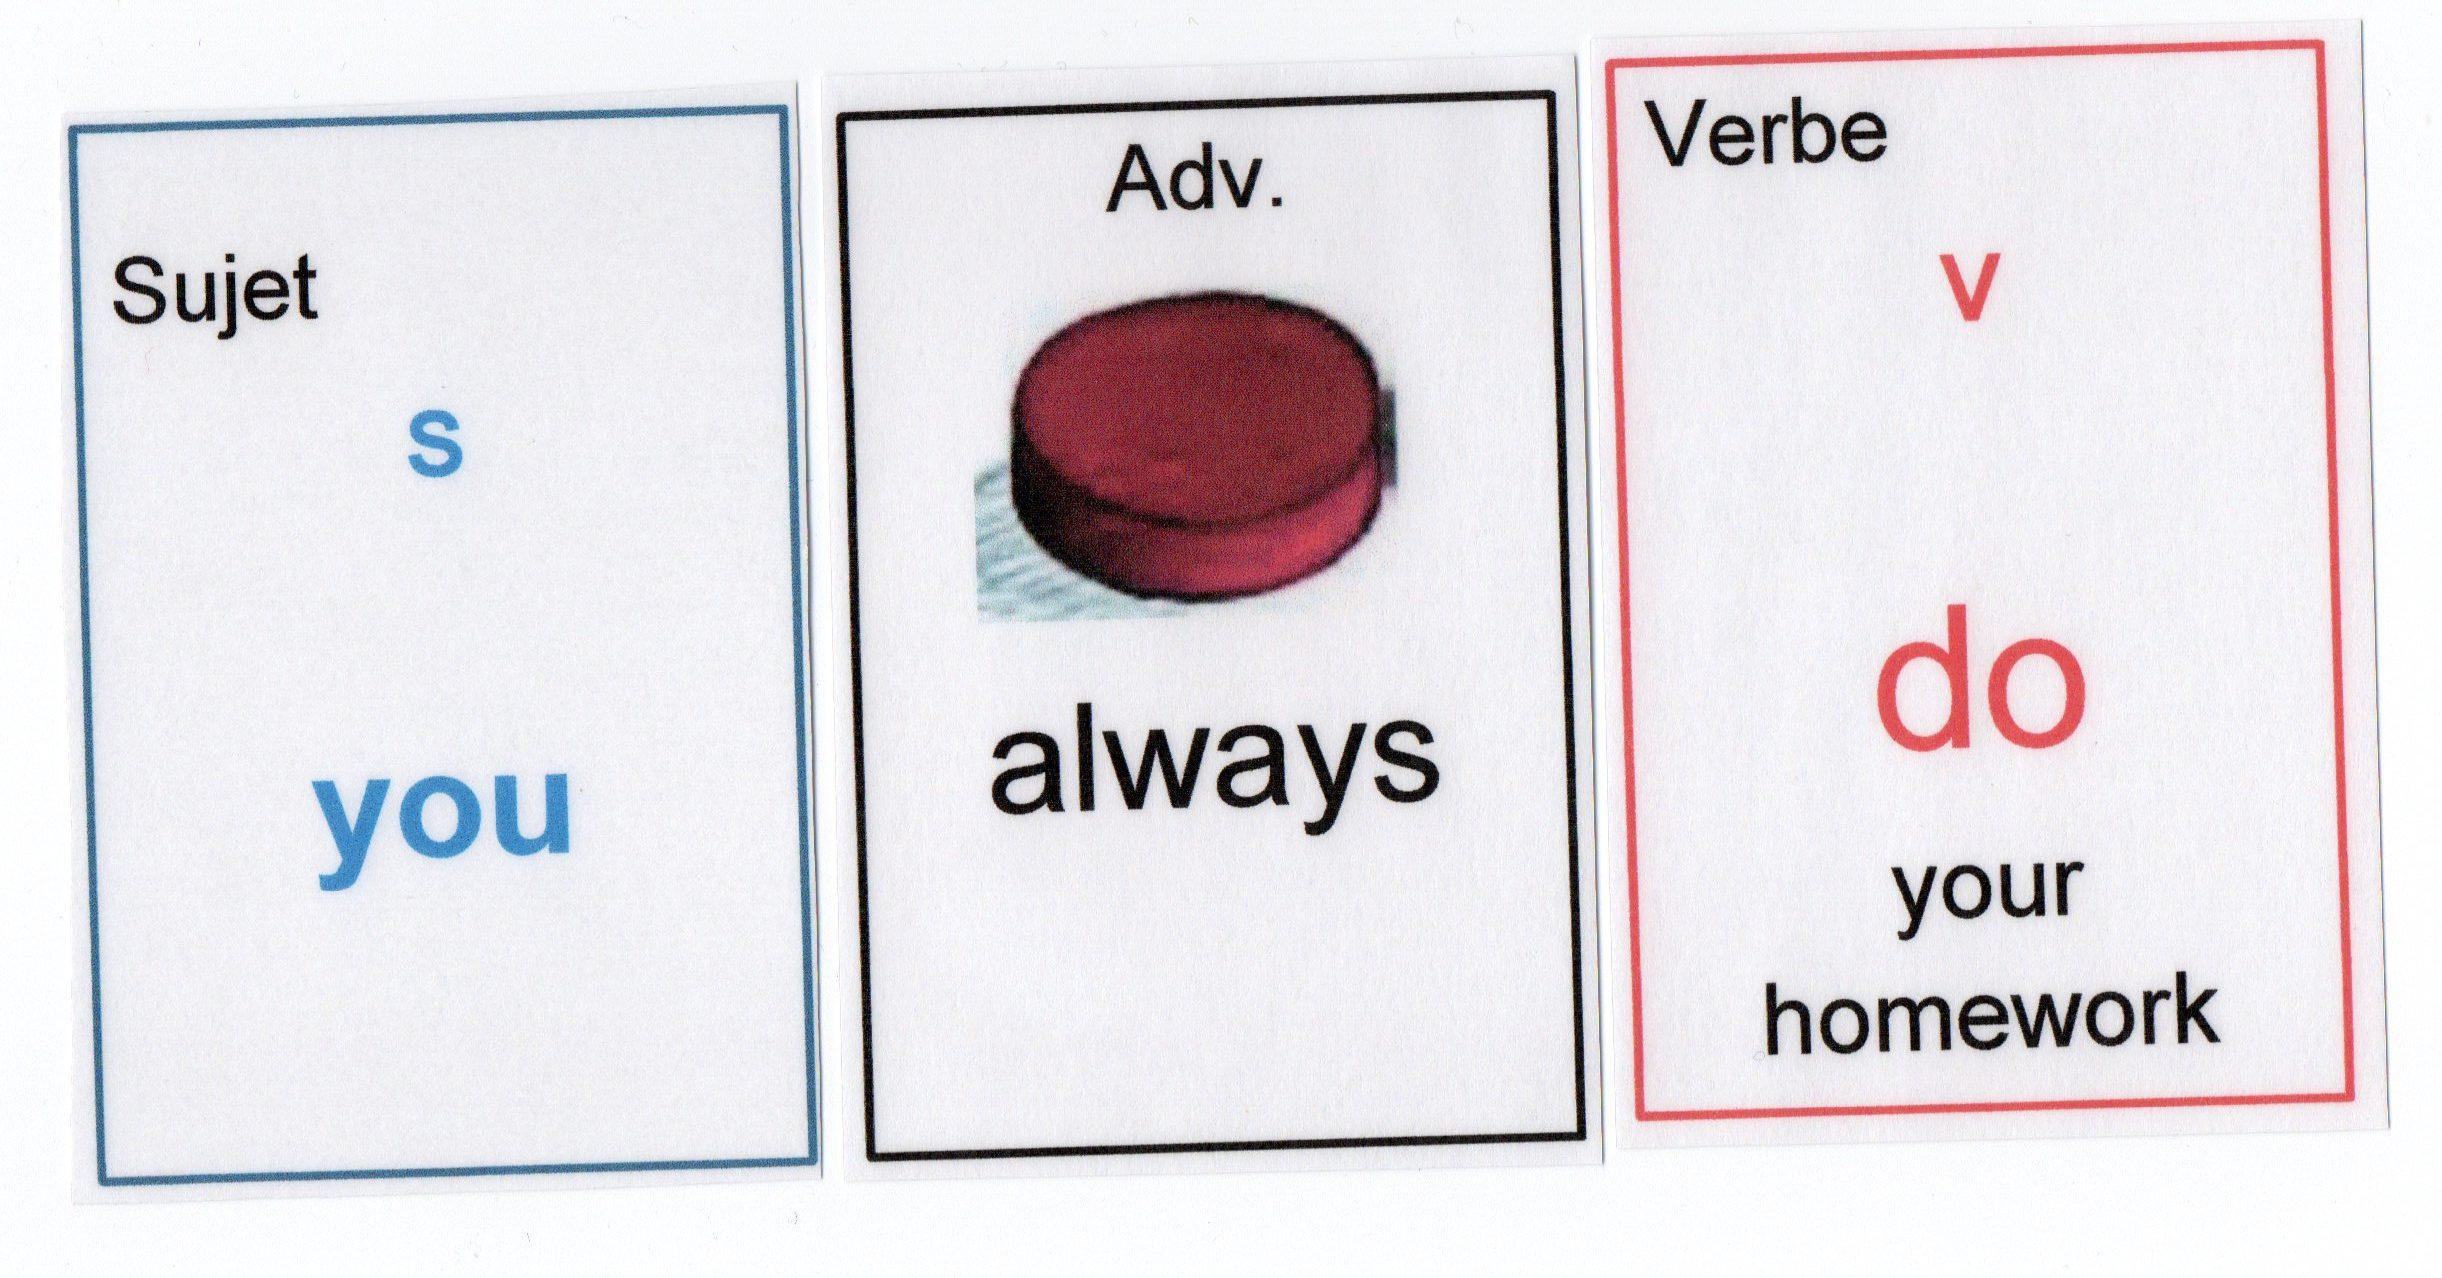 Les Adverbes De Frequence Fantadys